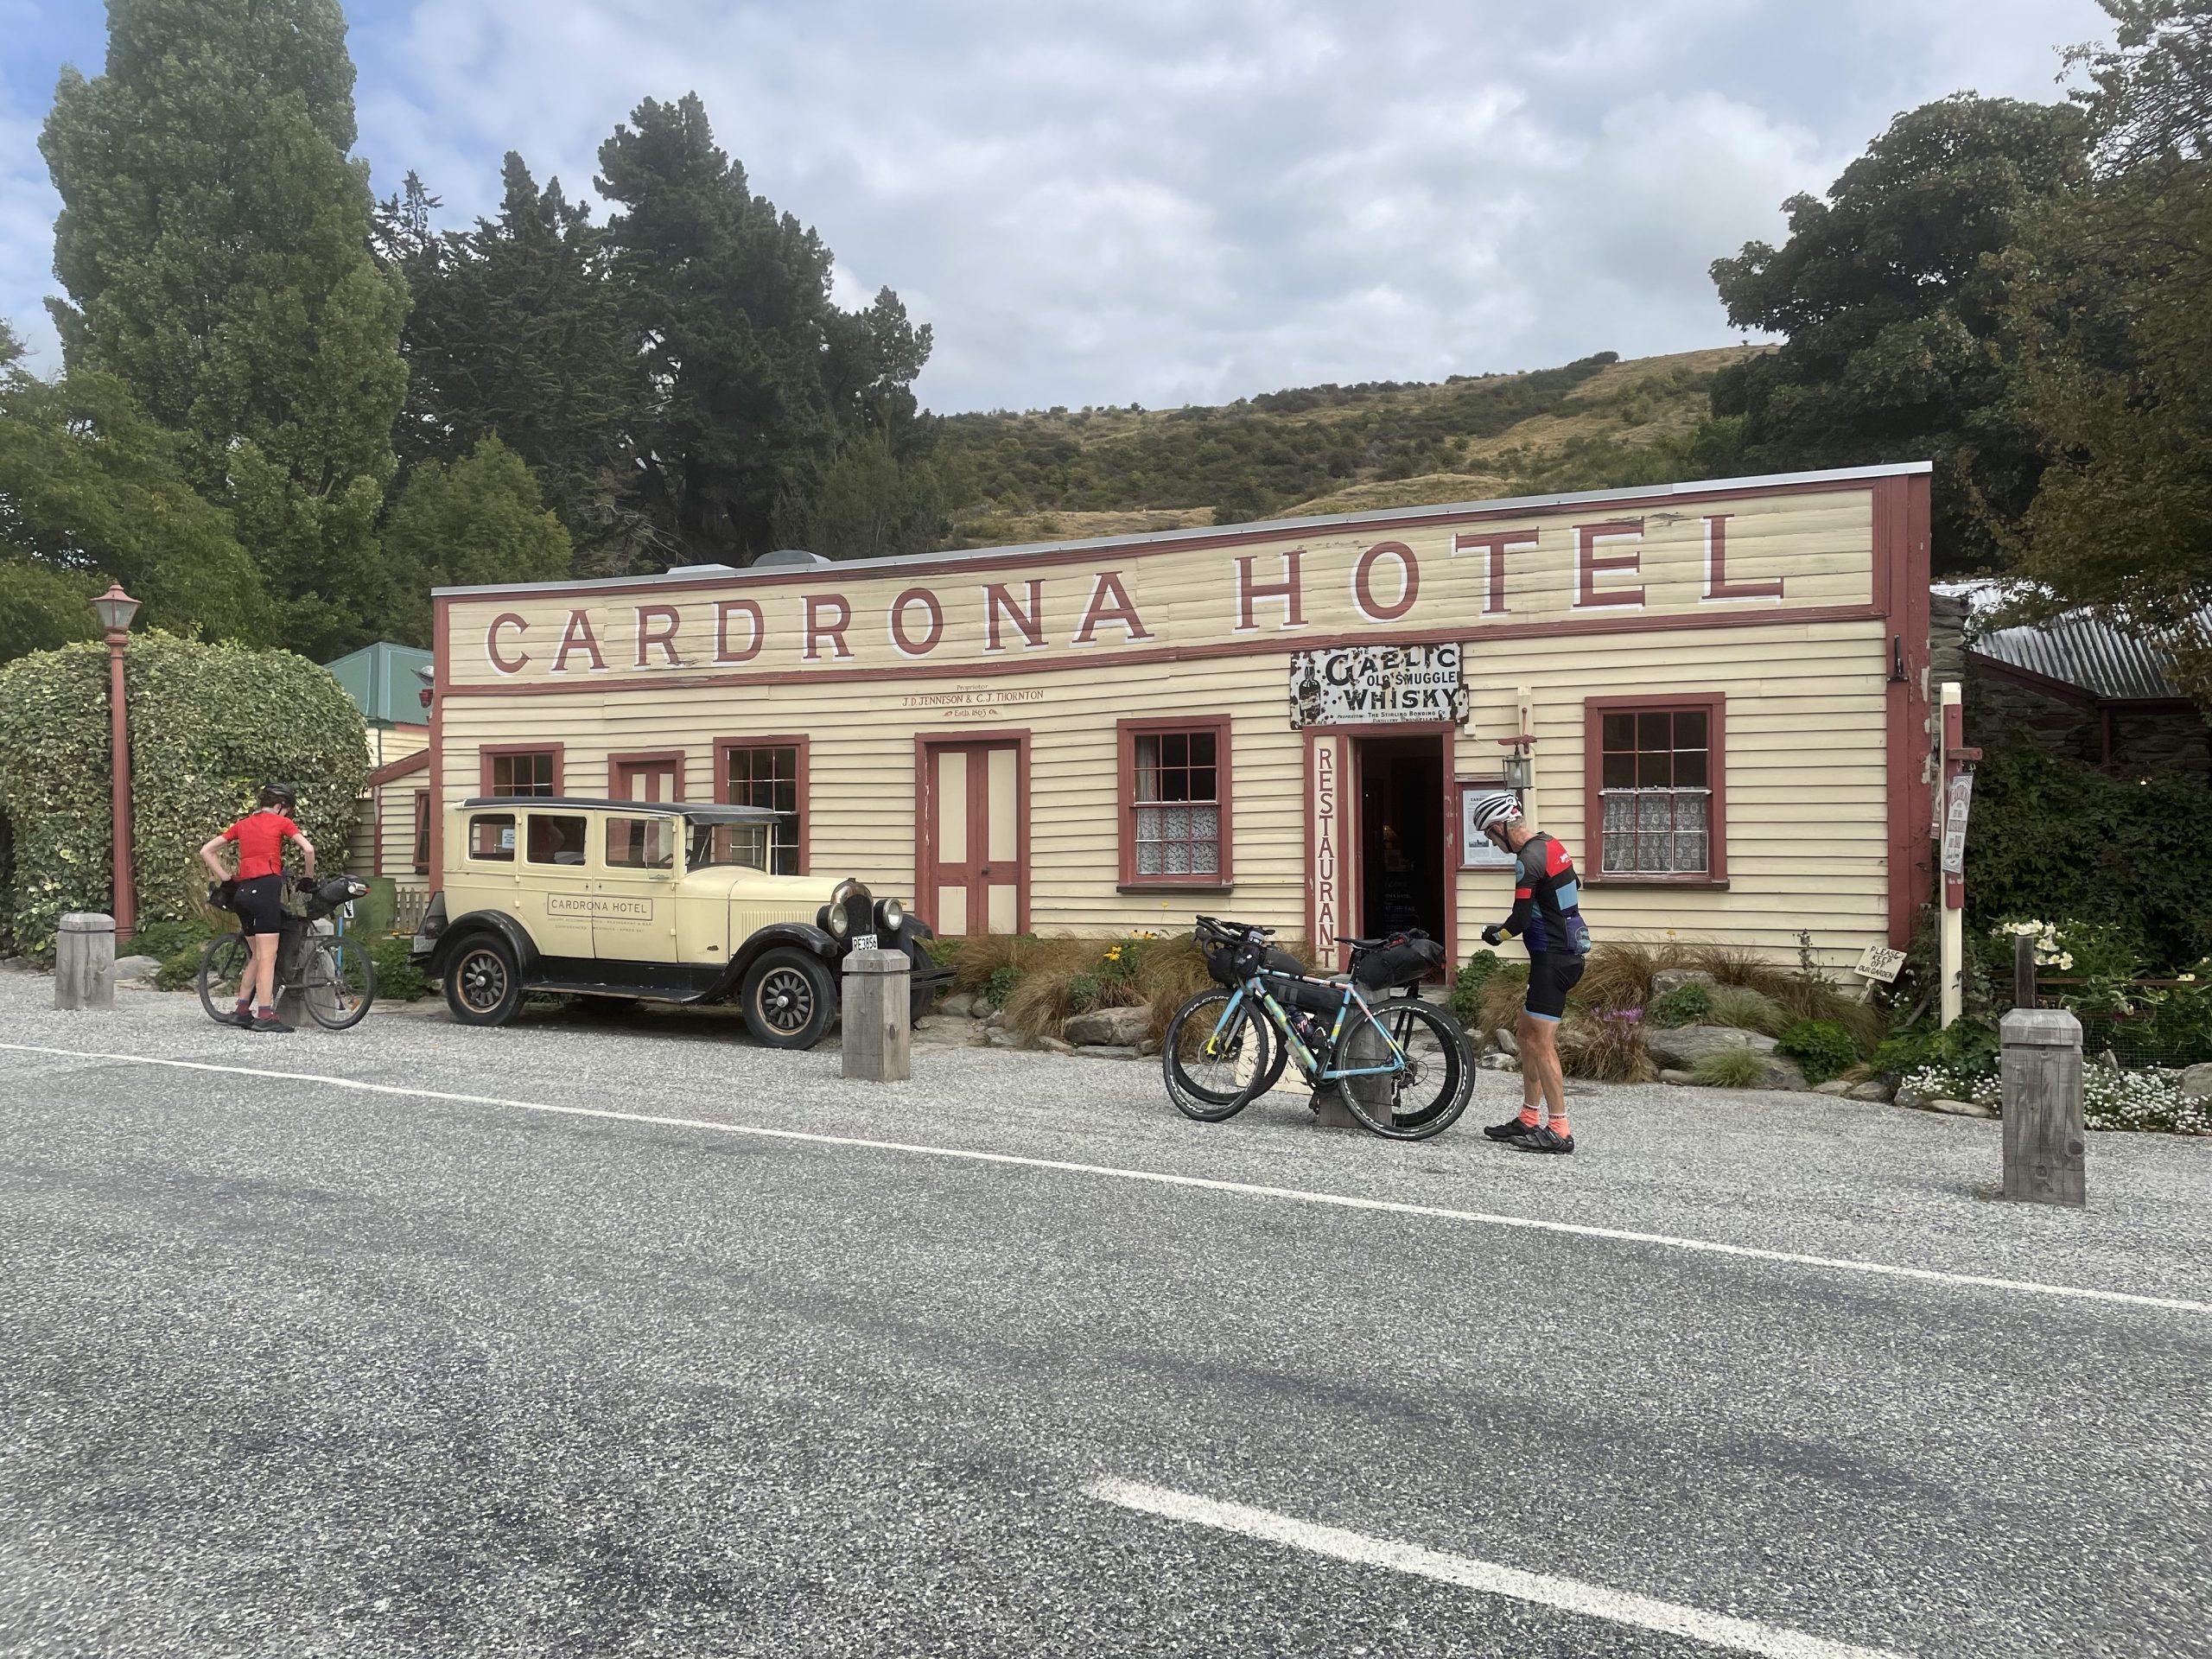 The Cardrona Tavern on the Tour Aotearoa